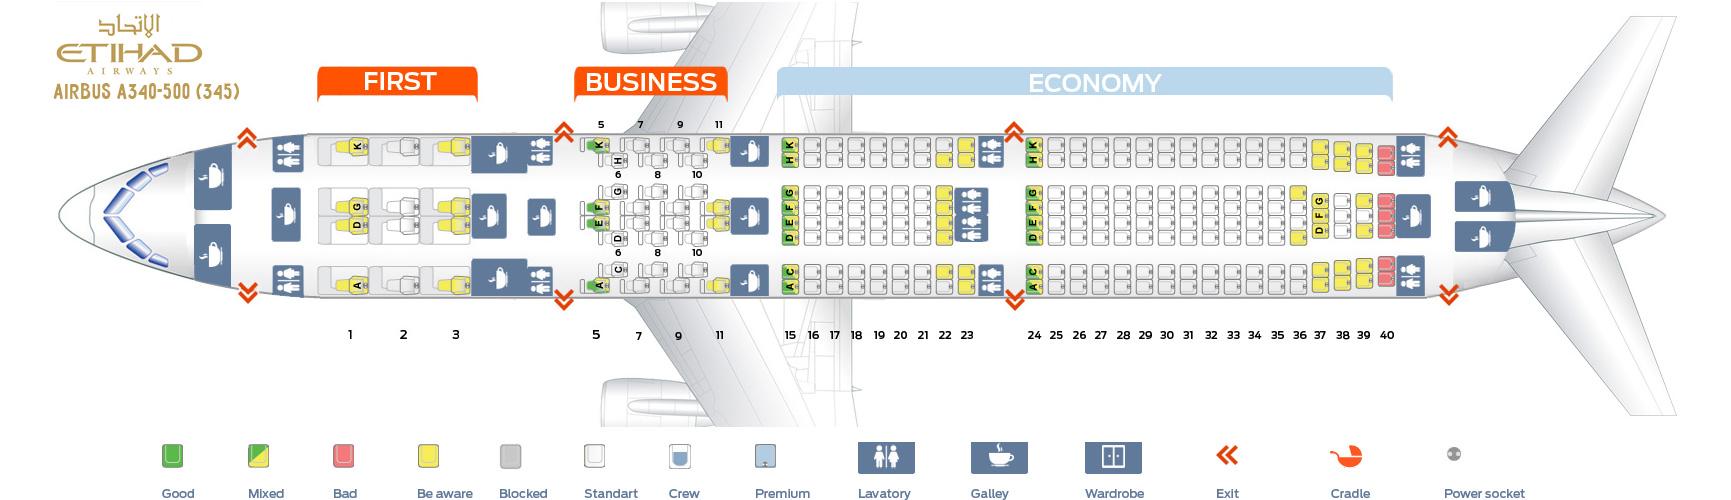 Seat Map Airbus A340-500 Etihad Airways